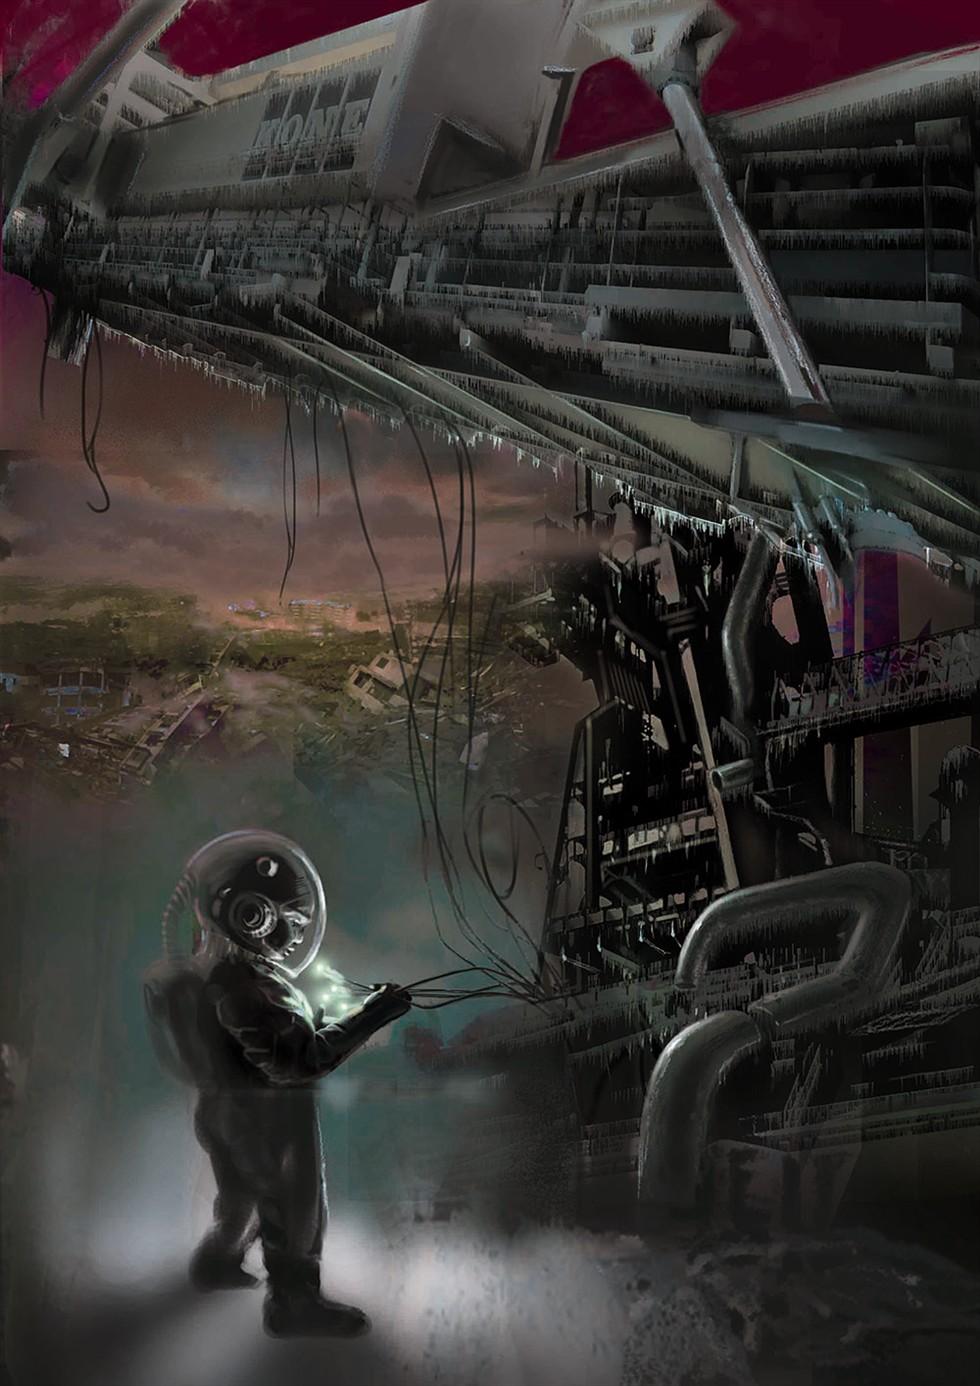 《科幻世界》2015年封面画征稿